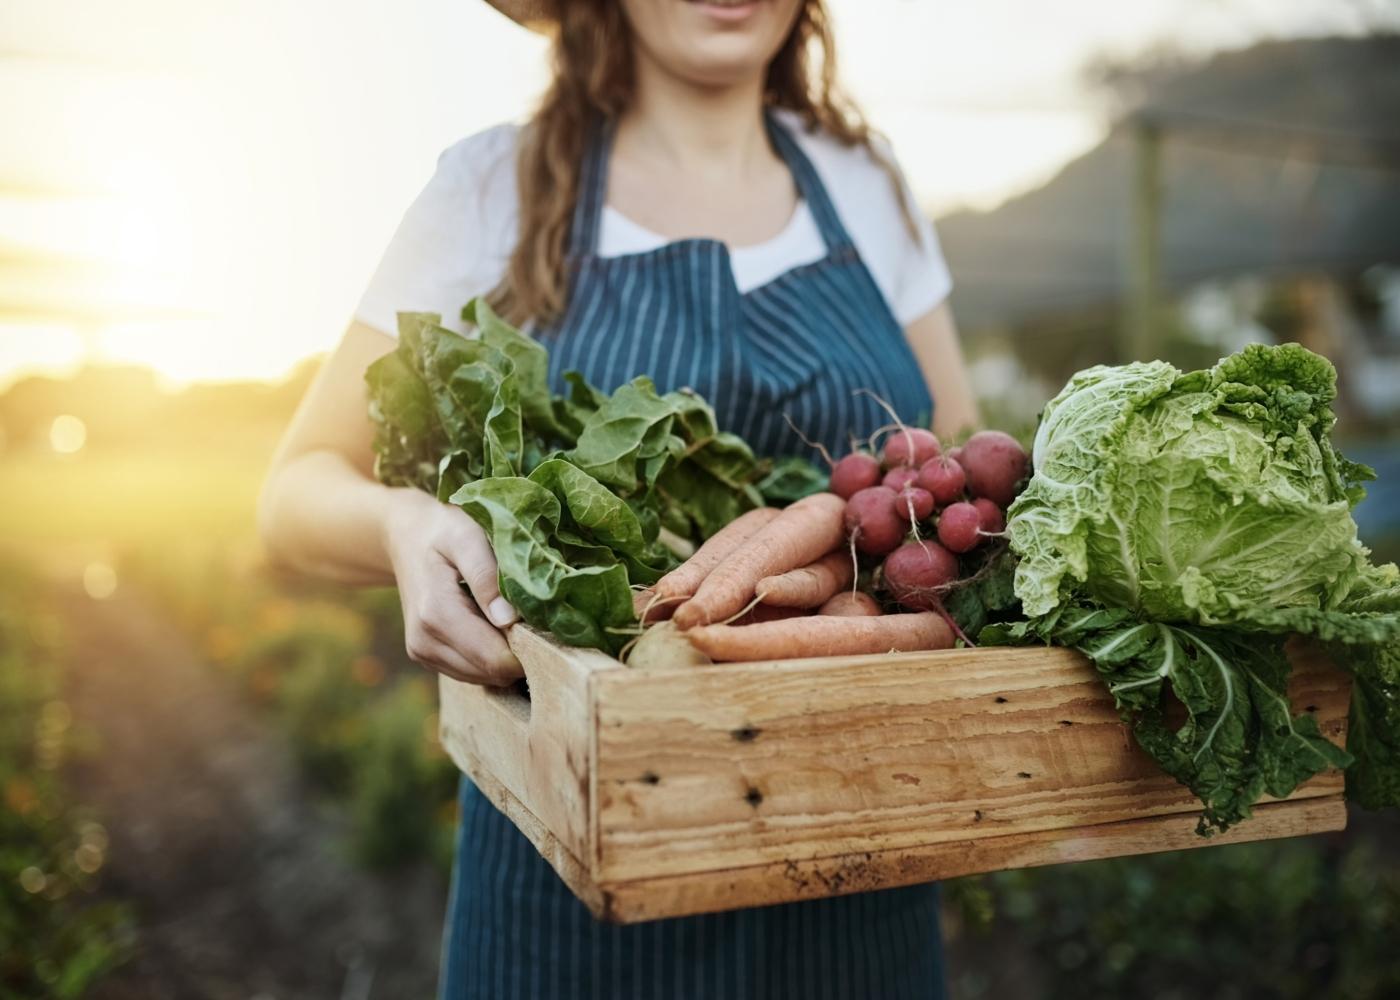 Agricultora a carregar caixa de legumes